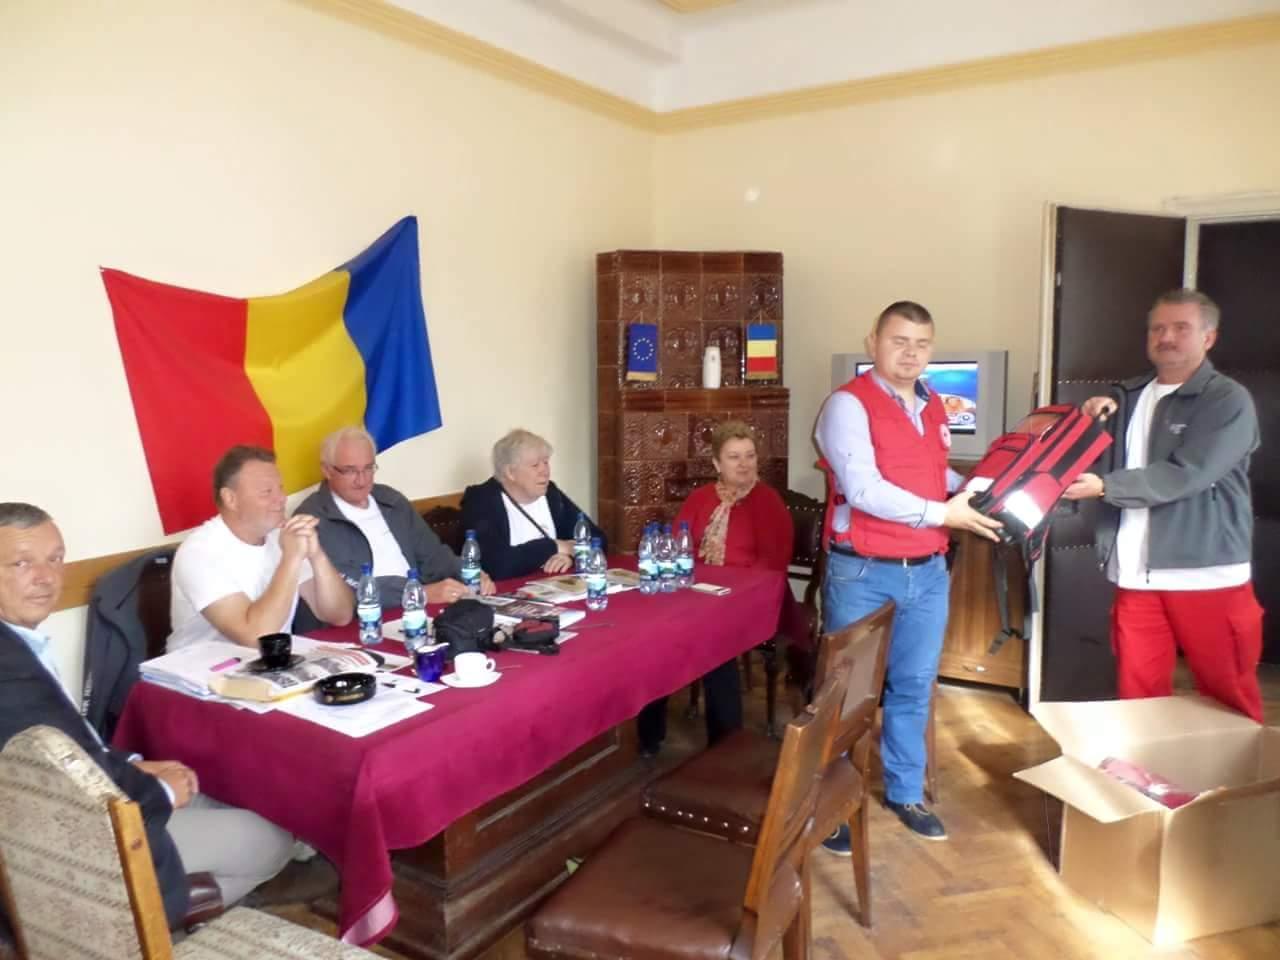 Echipamente medicale si alte materiale primite din partea prietenilor din Germania